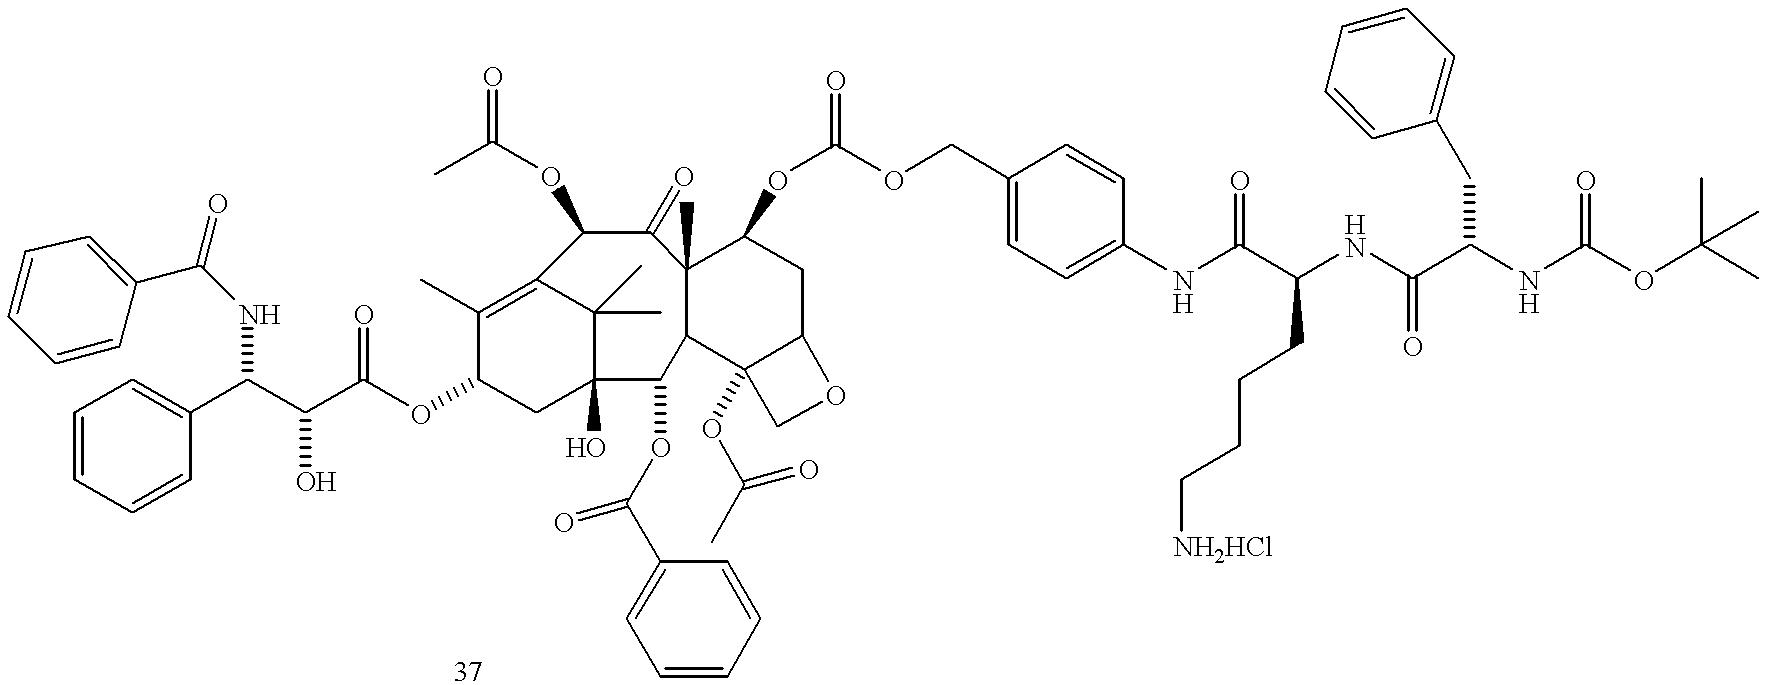 Figure US06214345-20010410-C00050